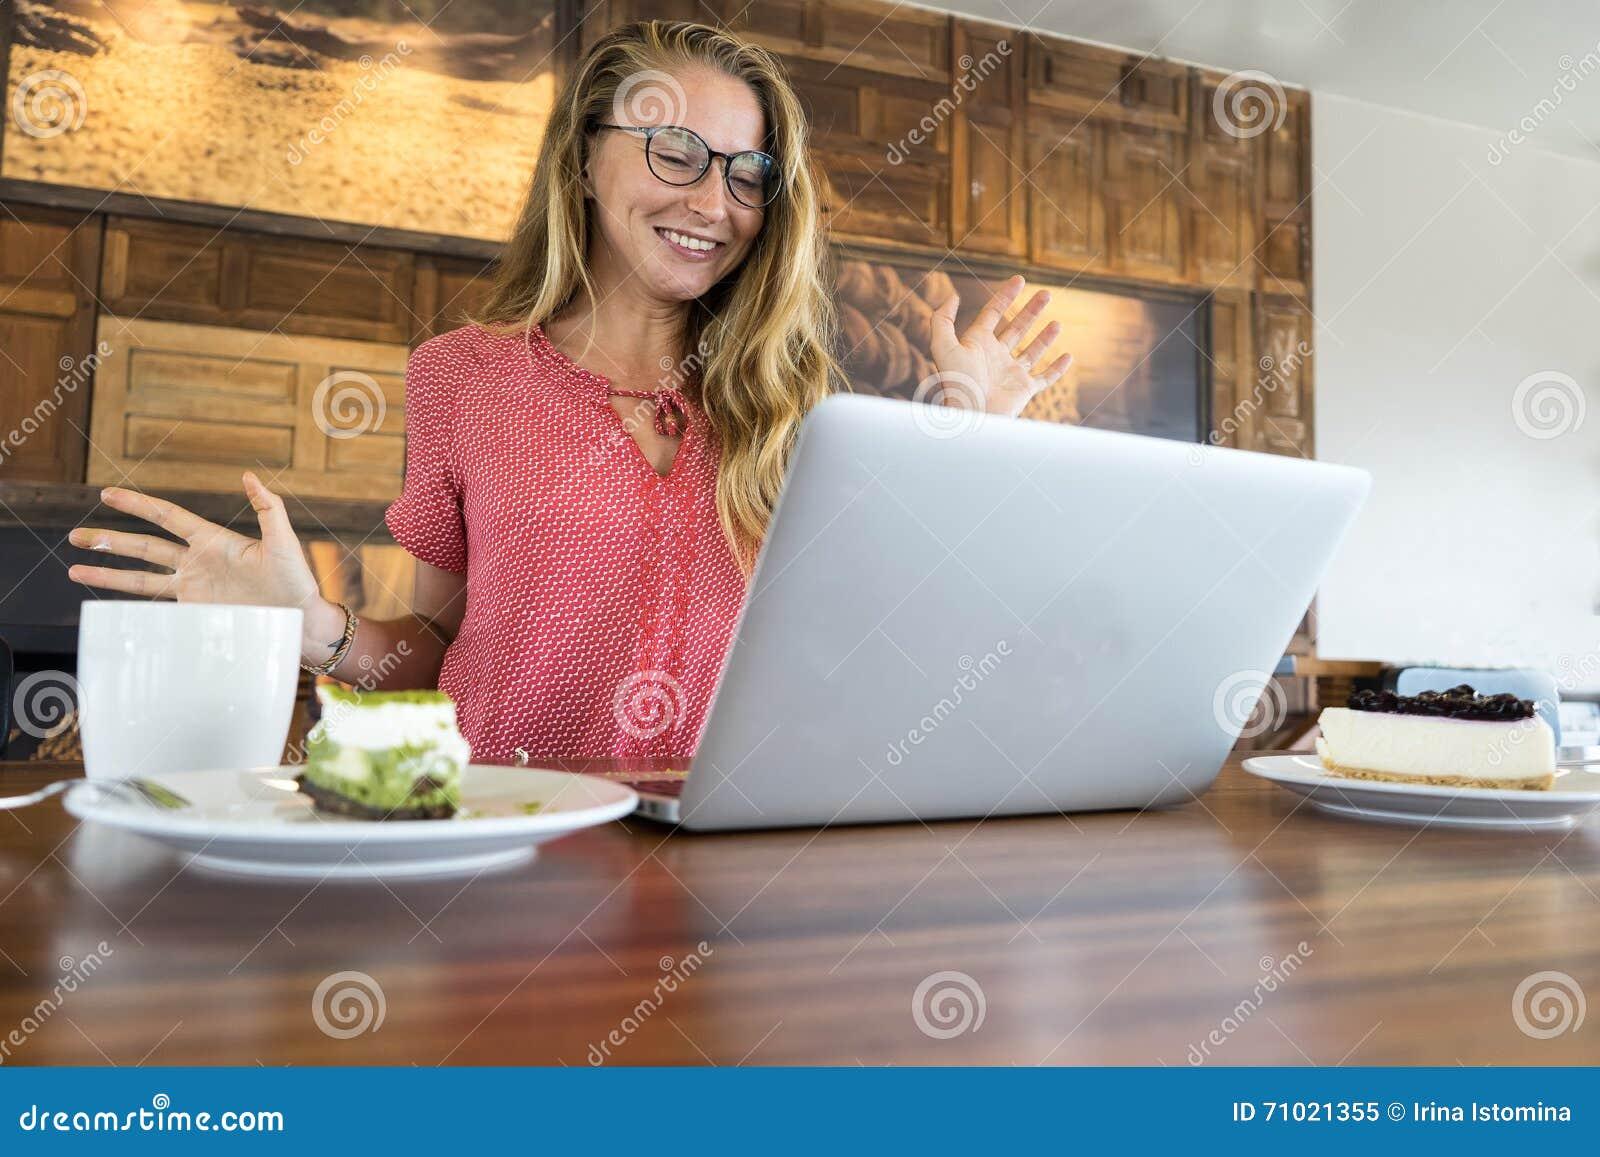 Το νέο κορίτσι εργάζεται στον υπολογιστή και το κέικ, τρόφιμα στον υπολογιστή, μια κακή συνήθεια τρώει